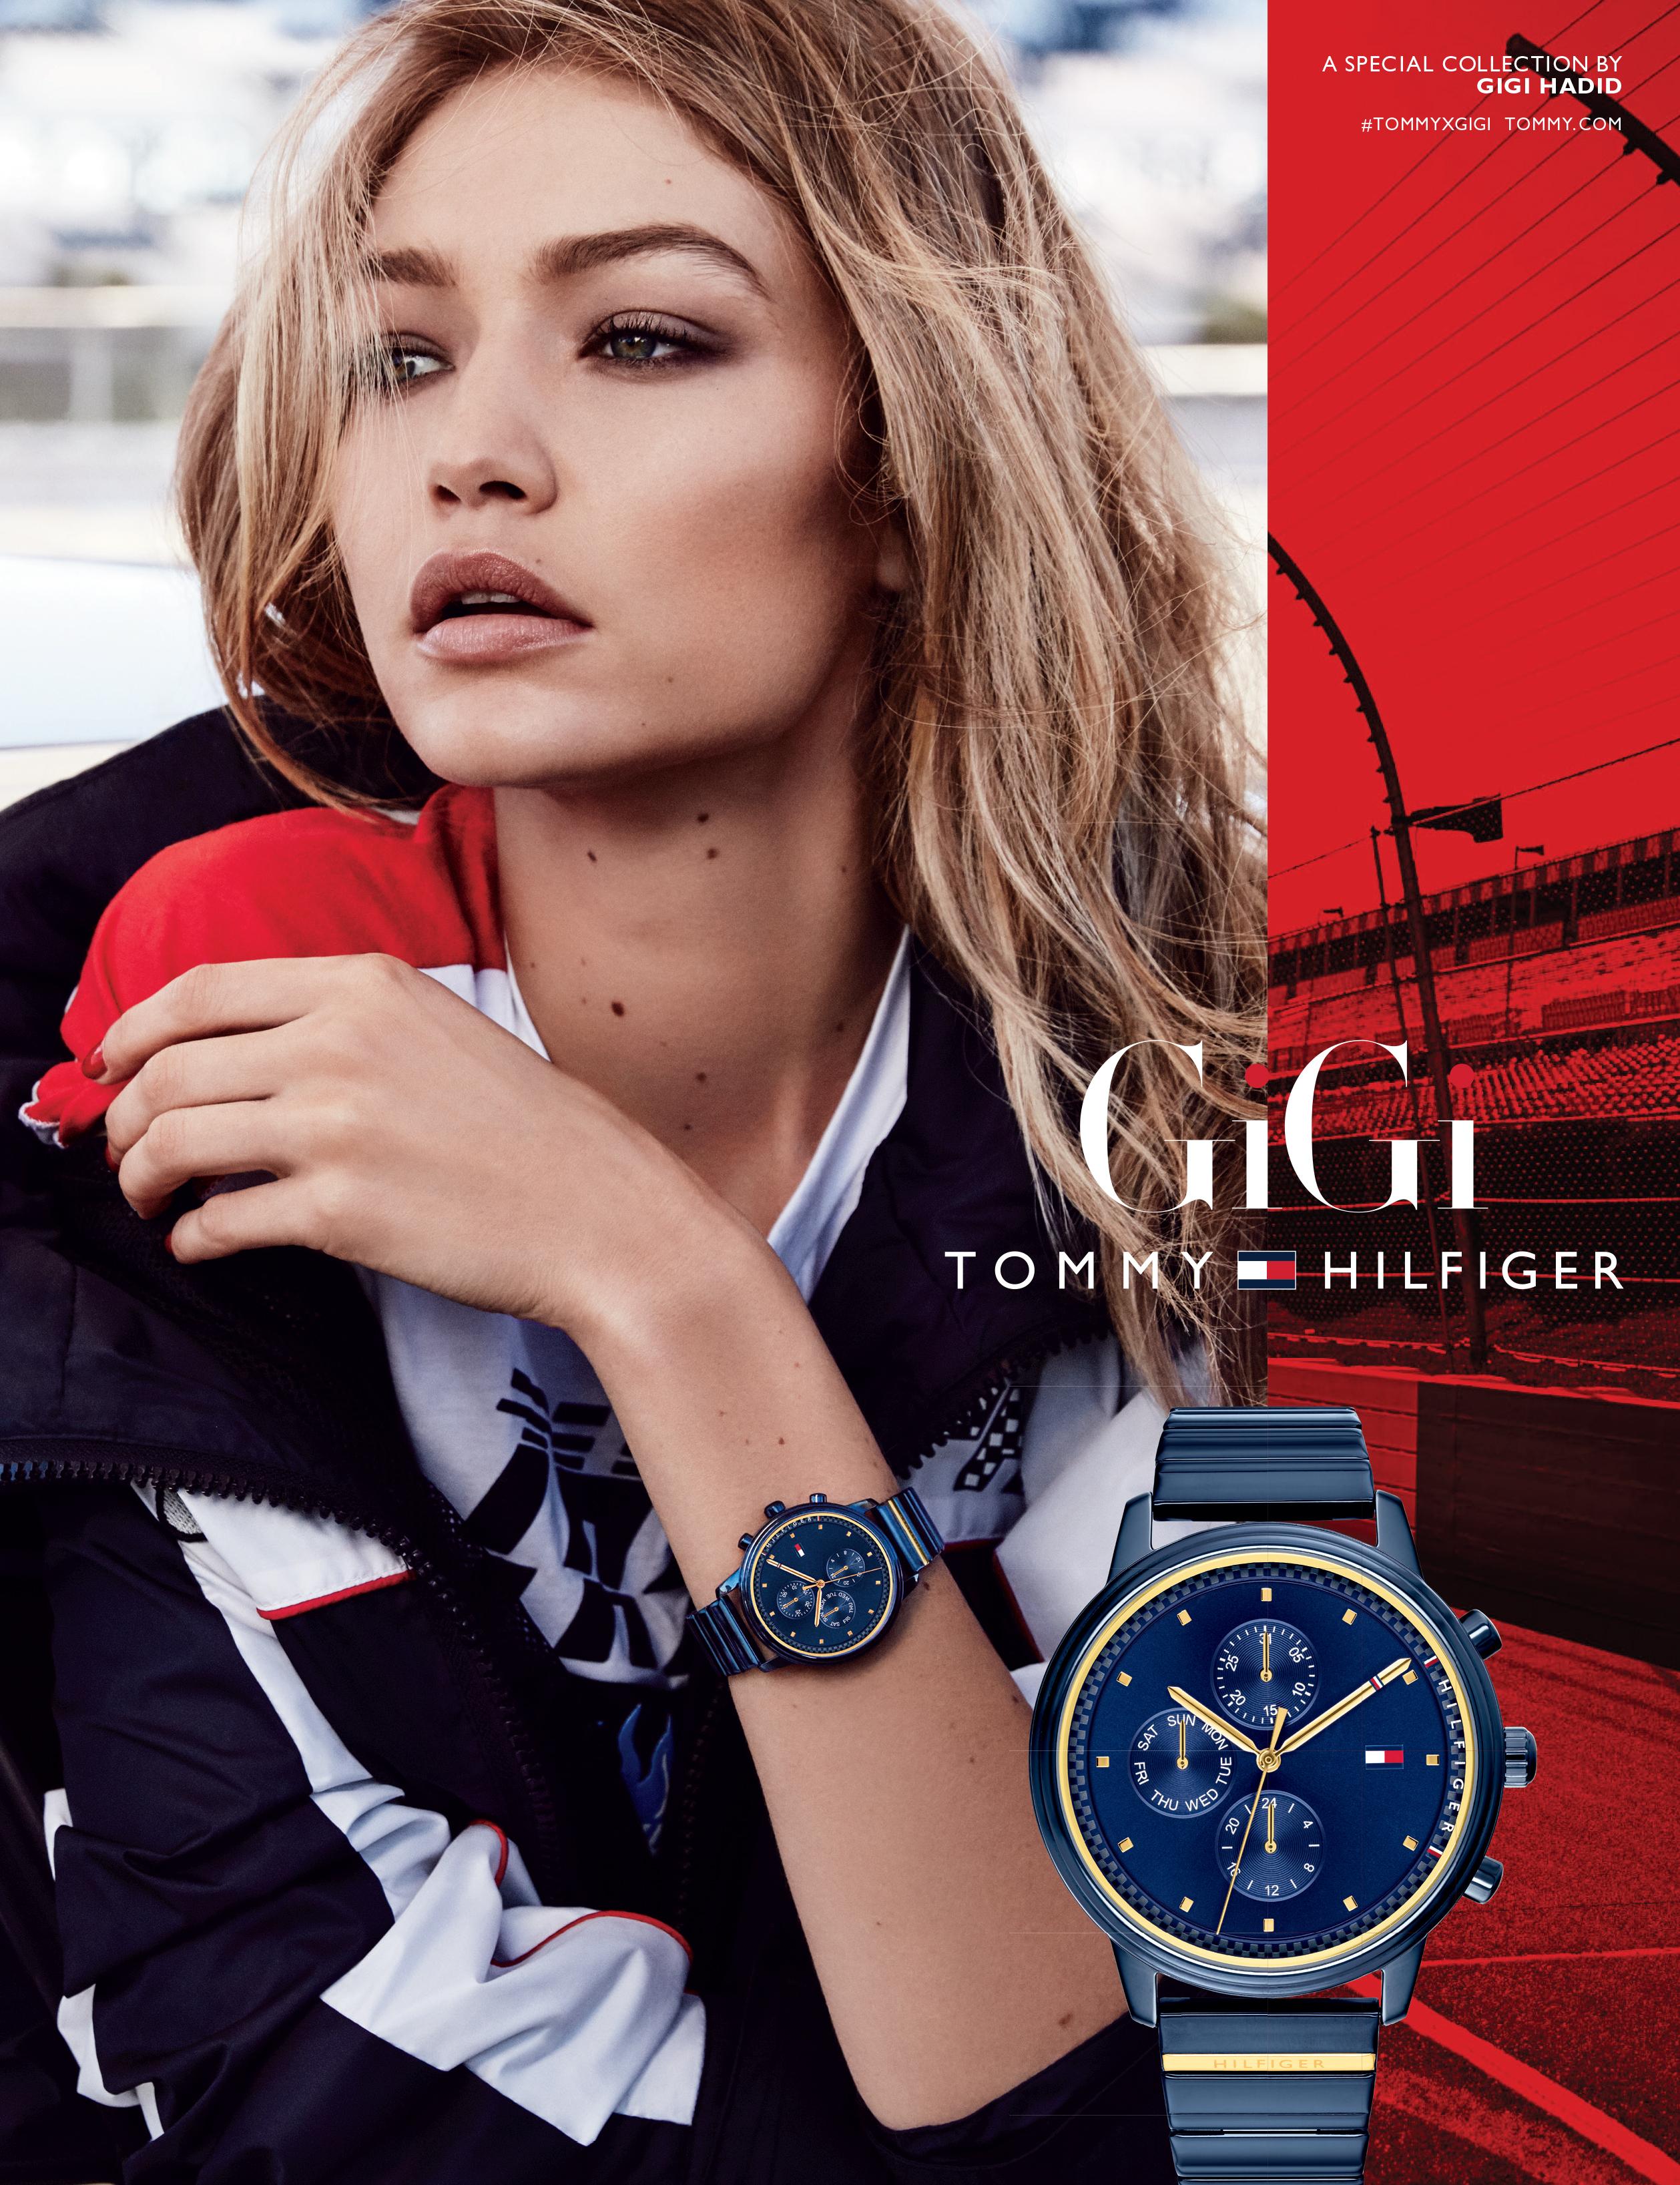 68063cbf7 Tommy Hilfiger Anuncia o Relógio da Temporada Primavera 2018 com Gigi Hadid  | Business Wire